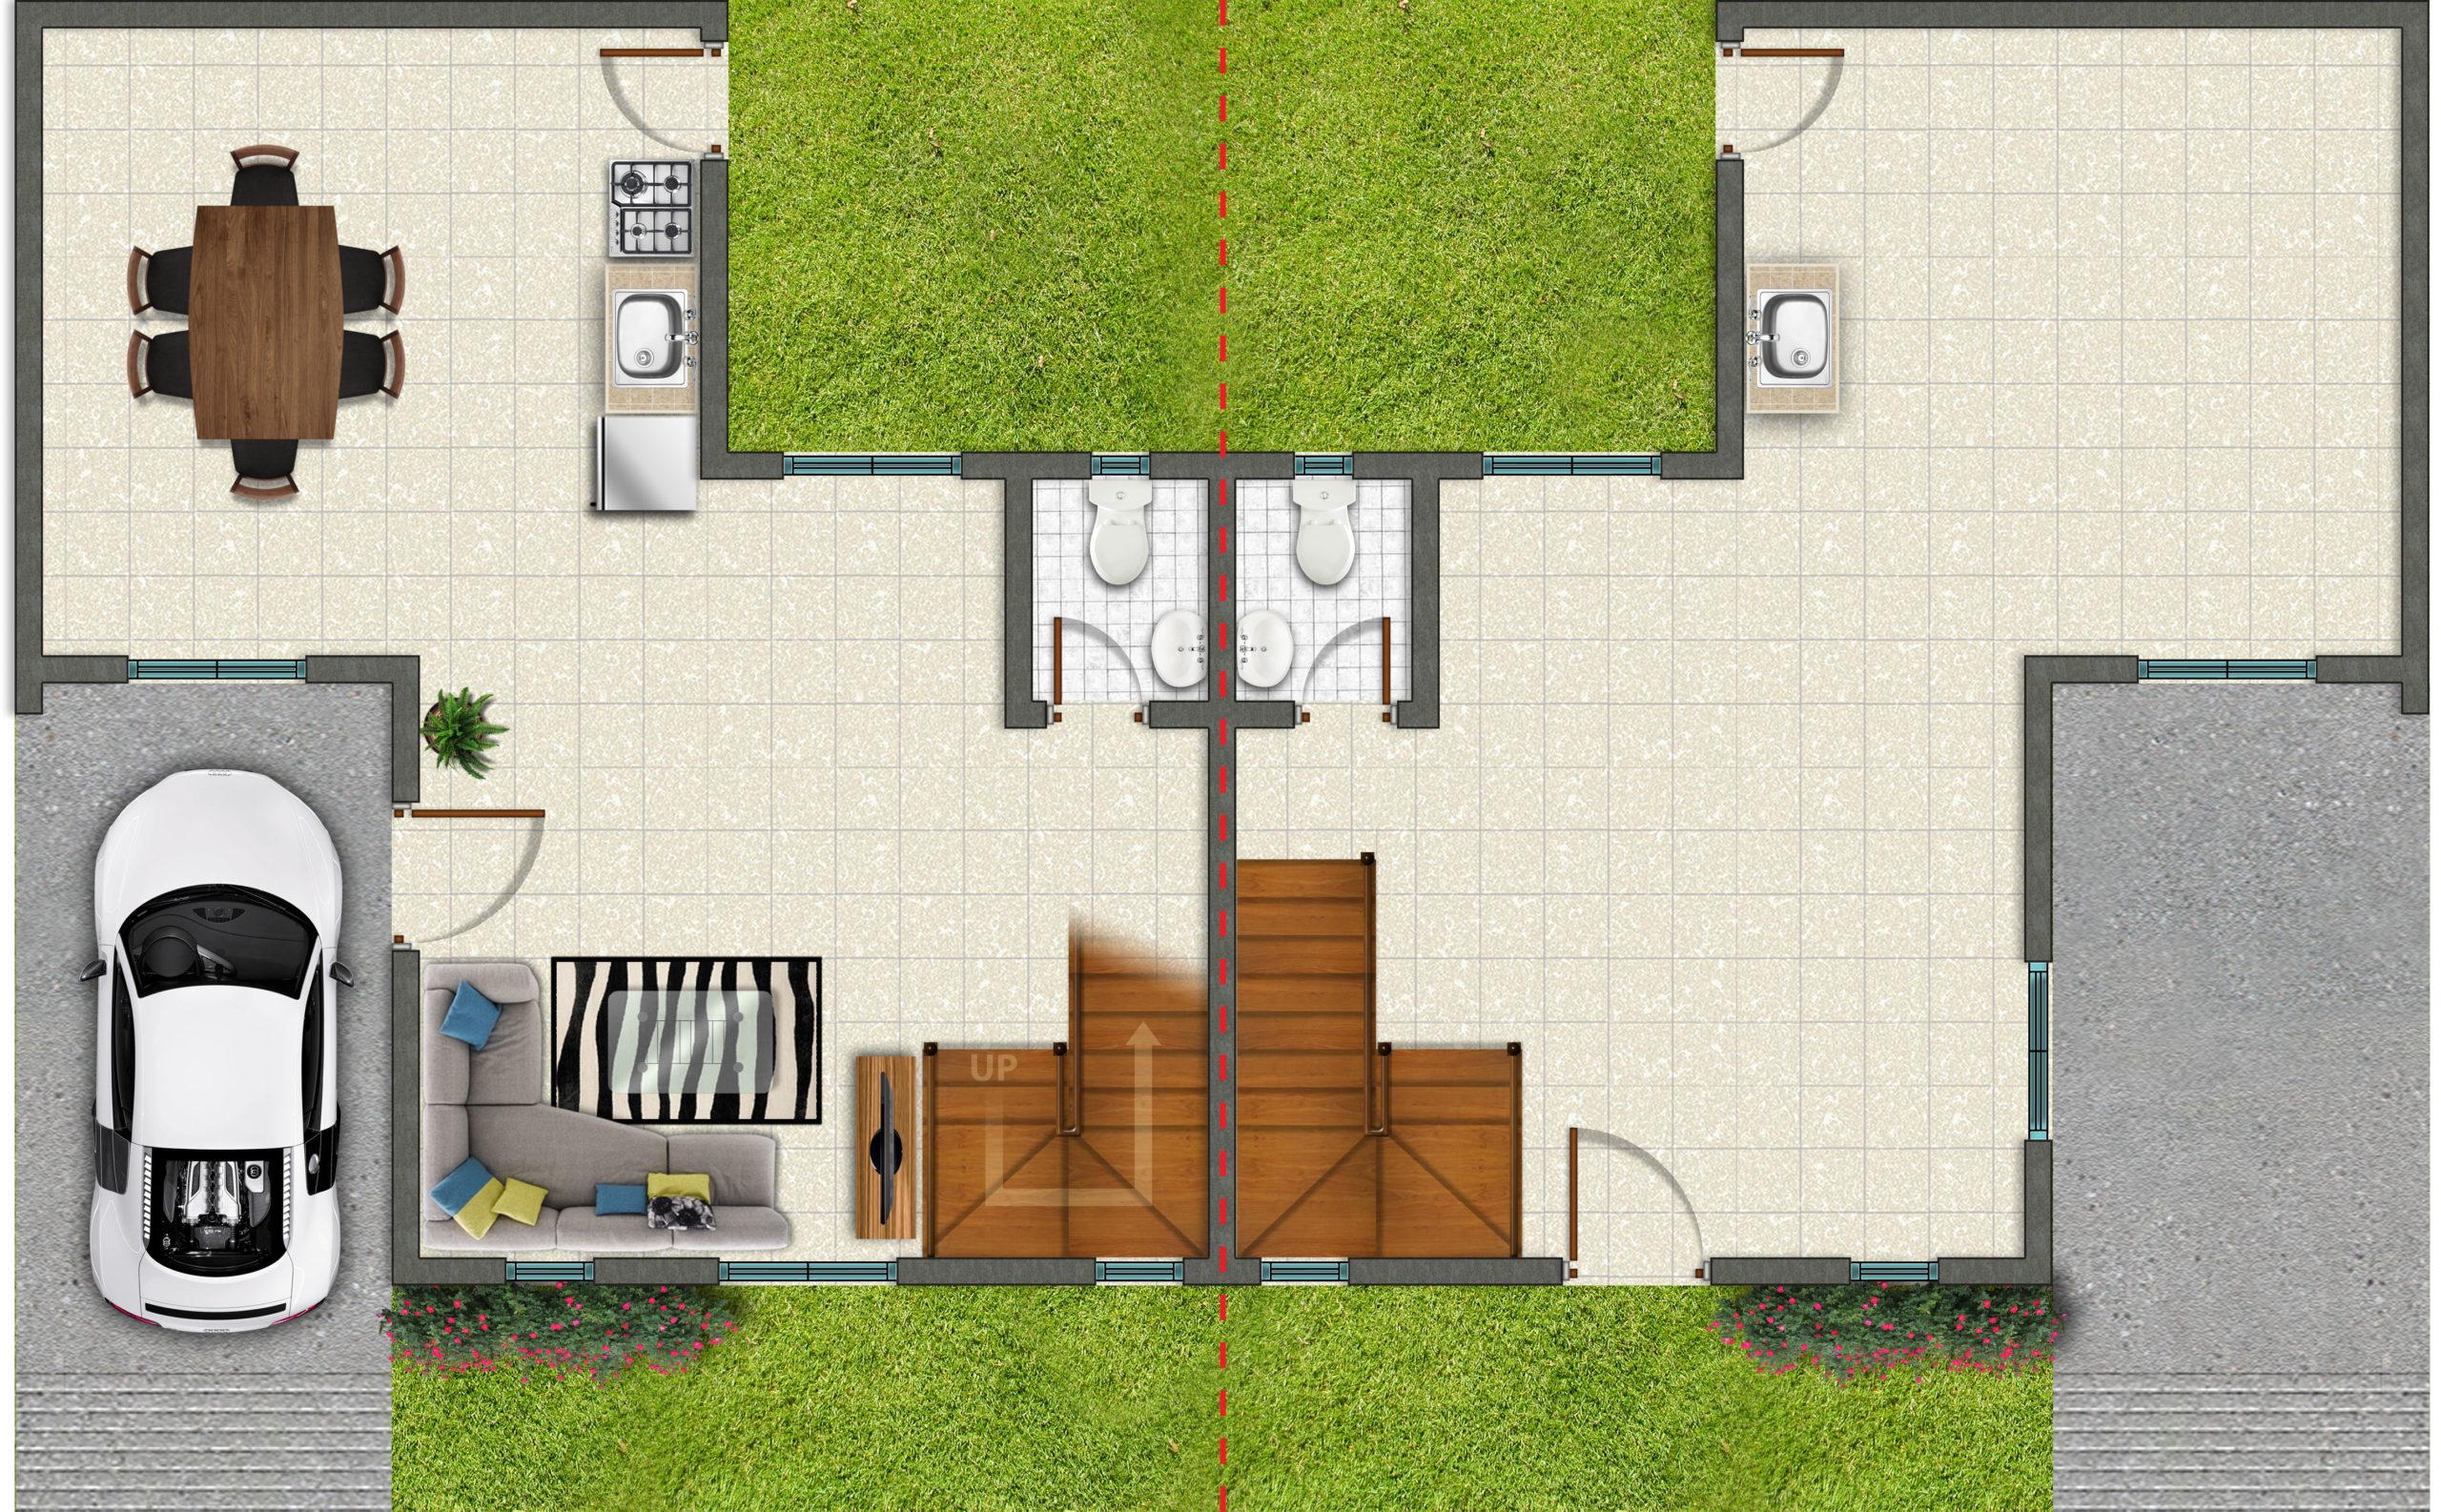 Z:tieriadwghouseshouses (jbz)twinhomes Premium Plus (11 Feb